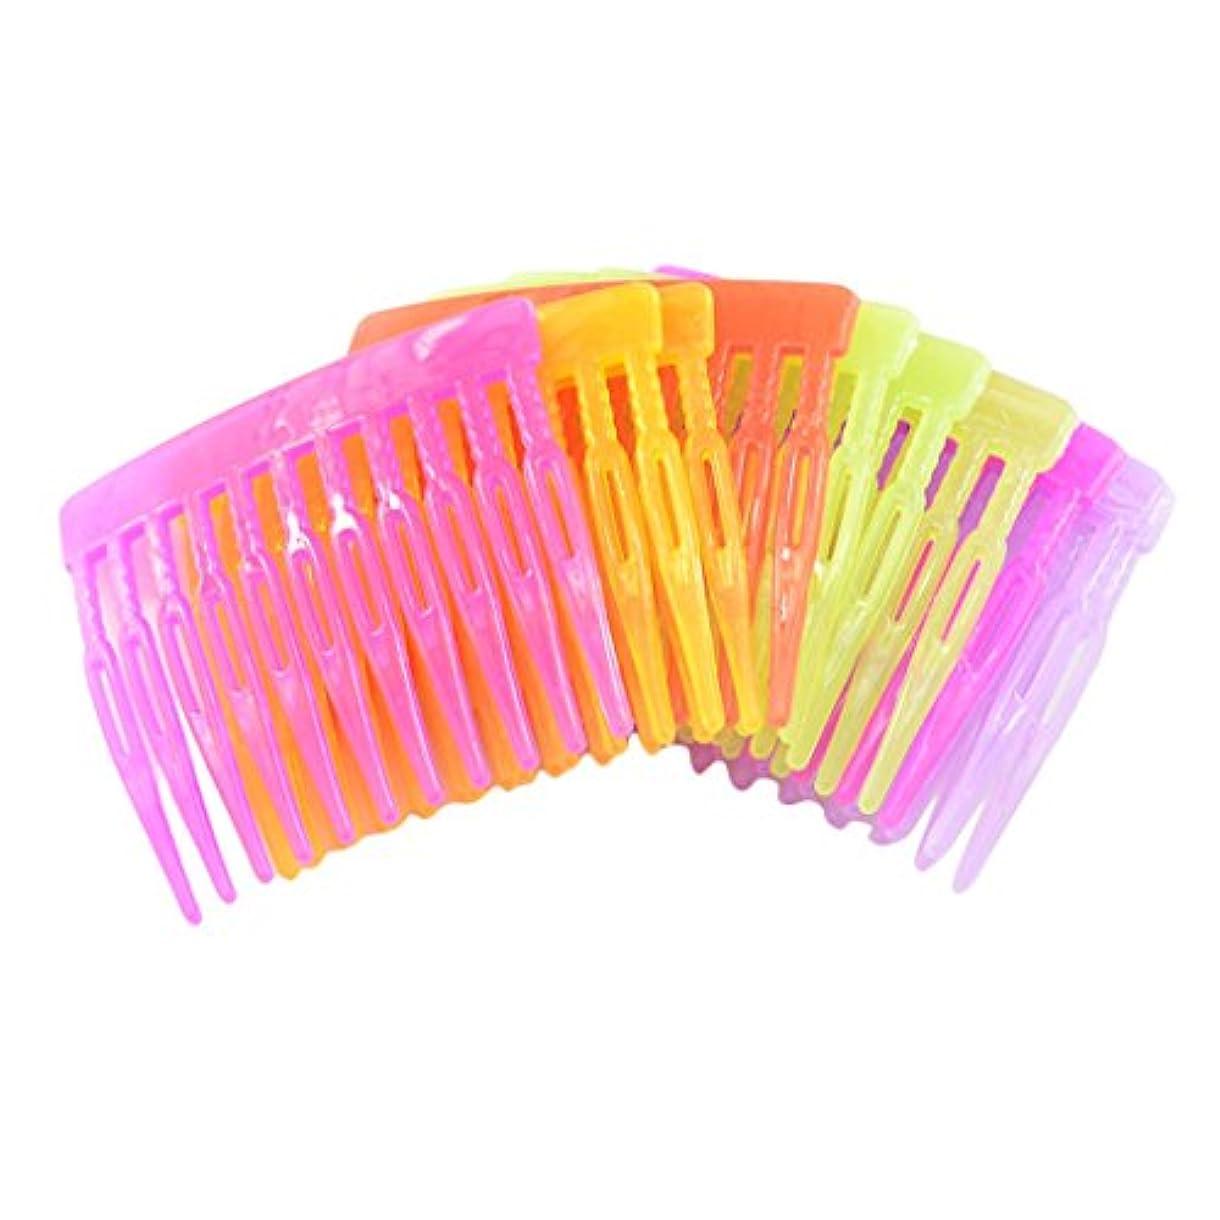 長方形満足できるハーブPerfk ヘアクリップ アーチ型 23歯 混合色 アクセサリー 10個入り